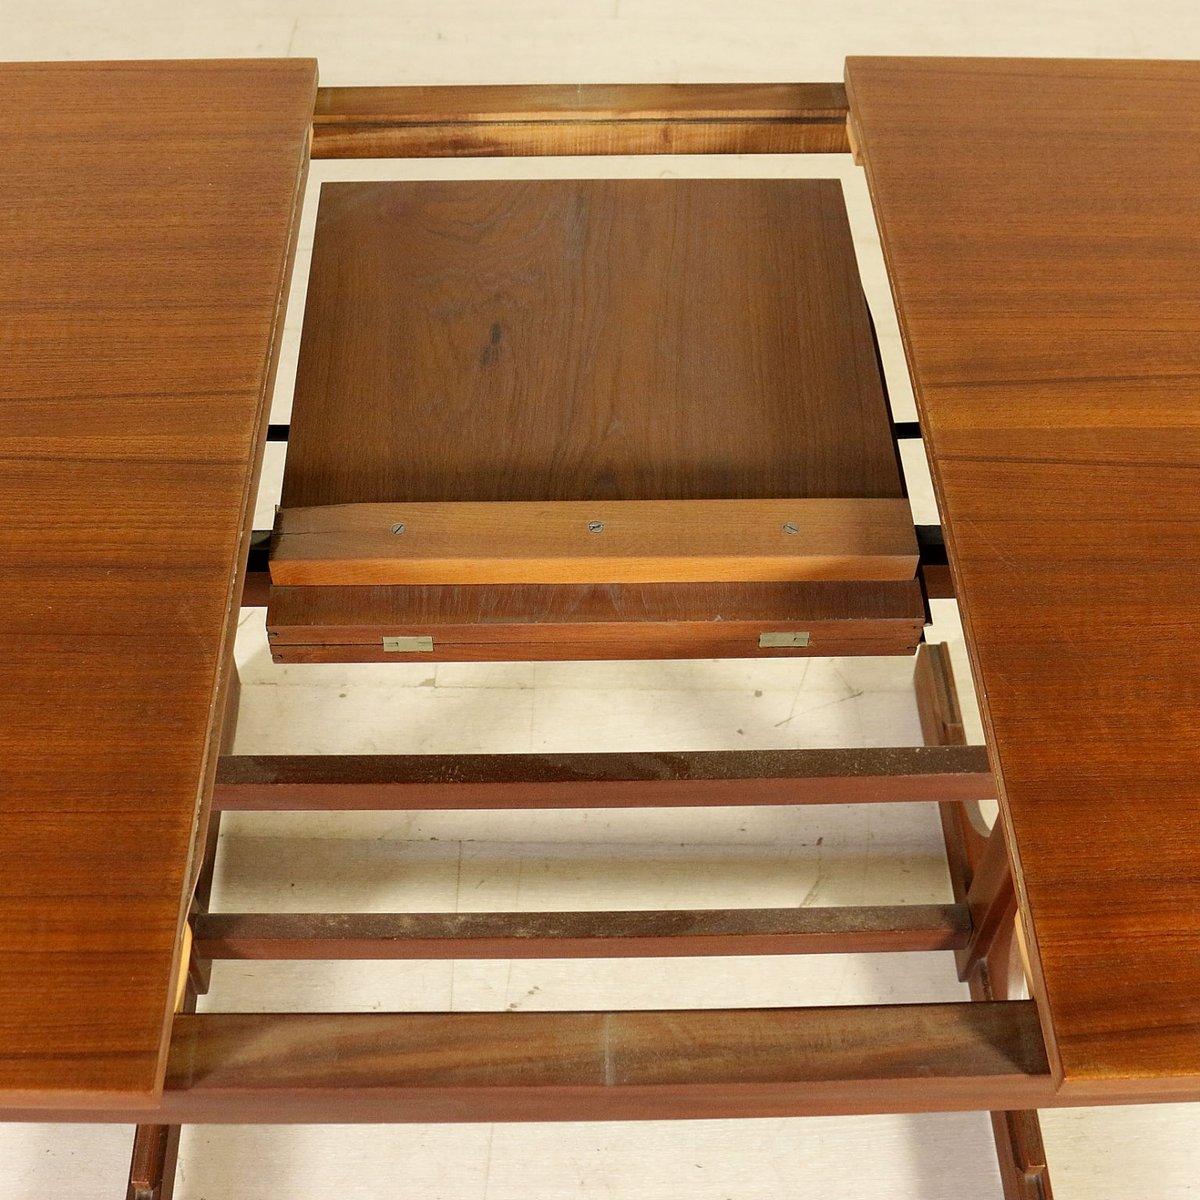 Italian teak veneer solid wood extendable dining table